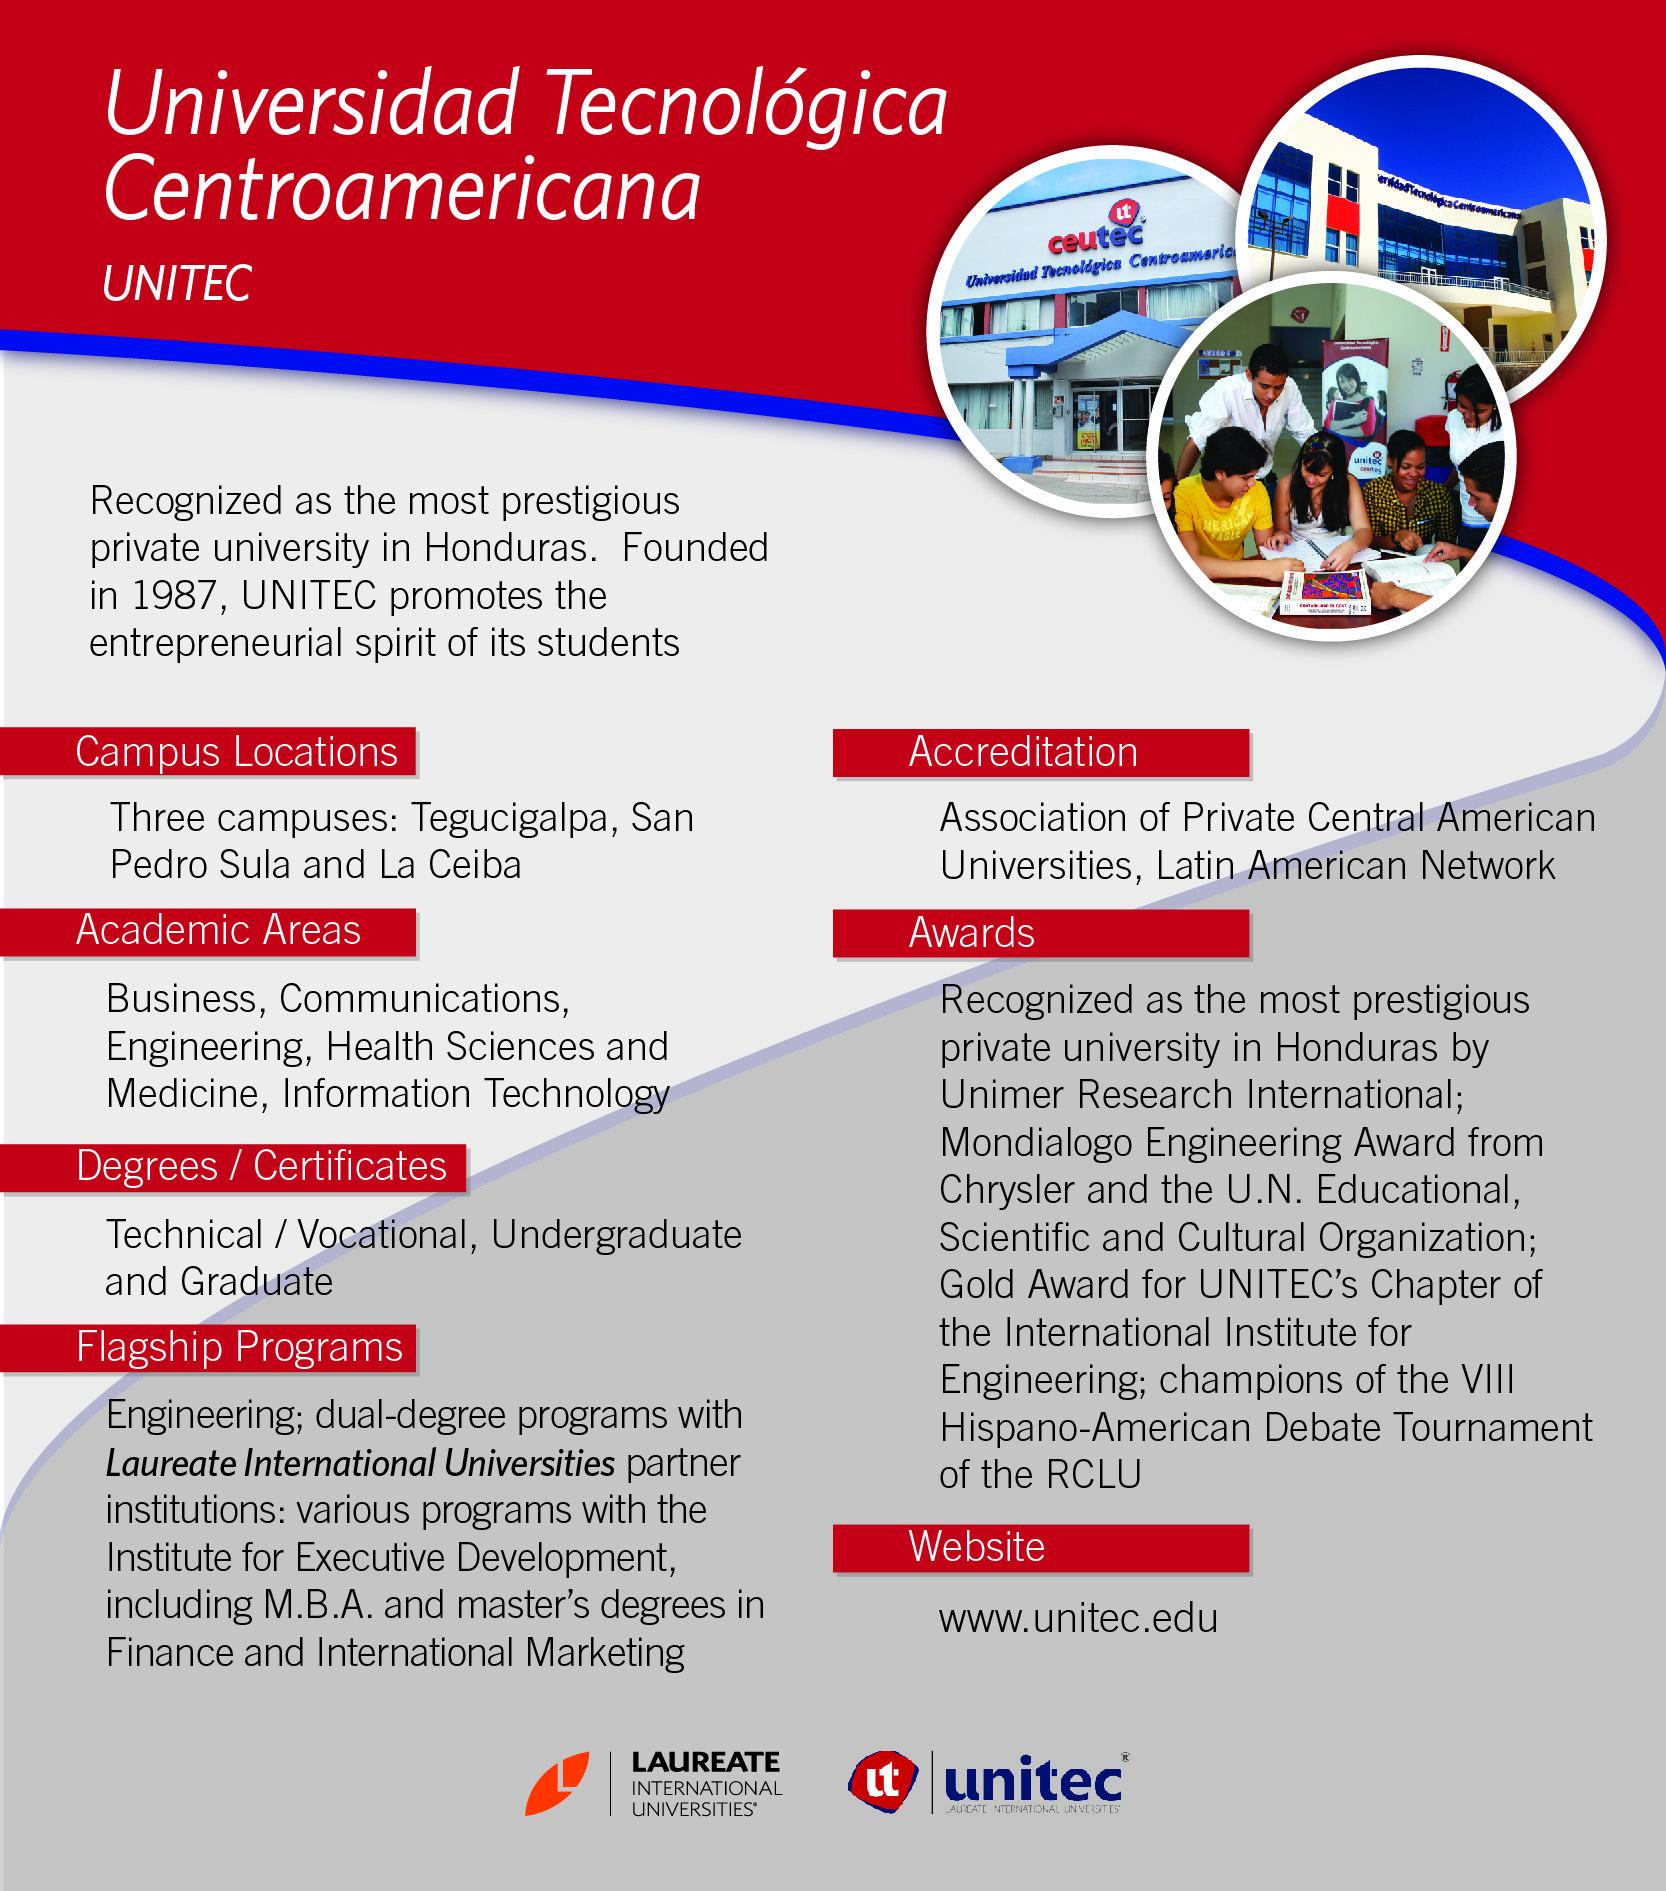 universidad tecnol u00f3gica centroamericana u0026 39 s   unitec hn